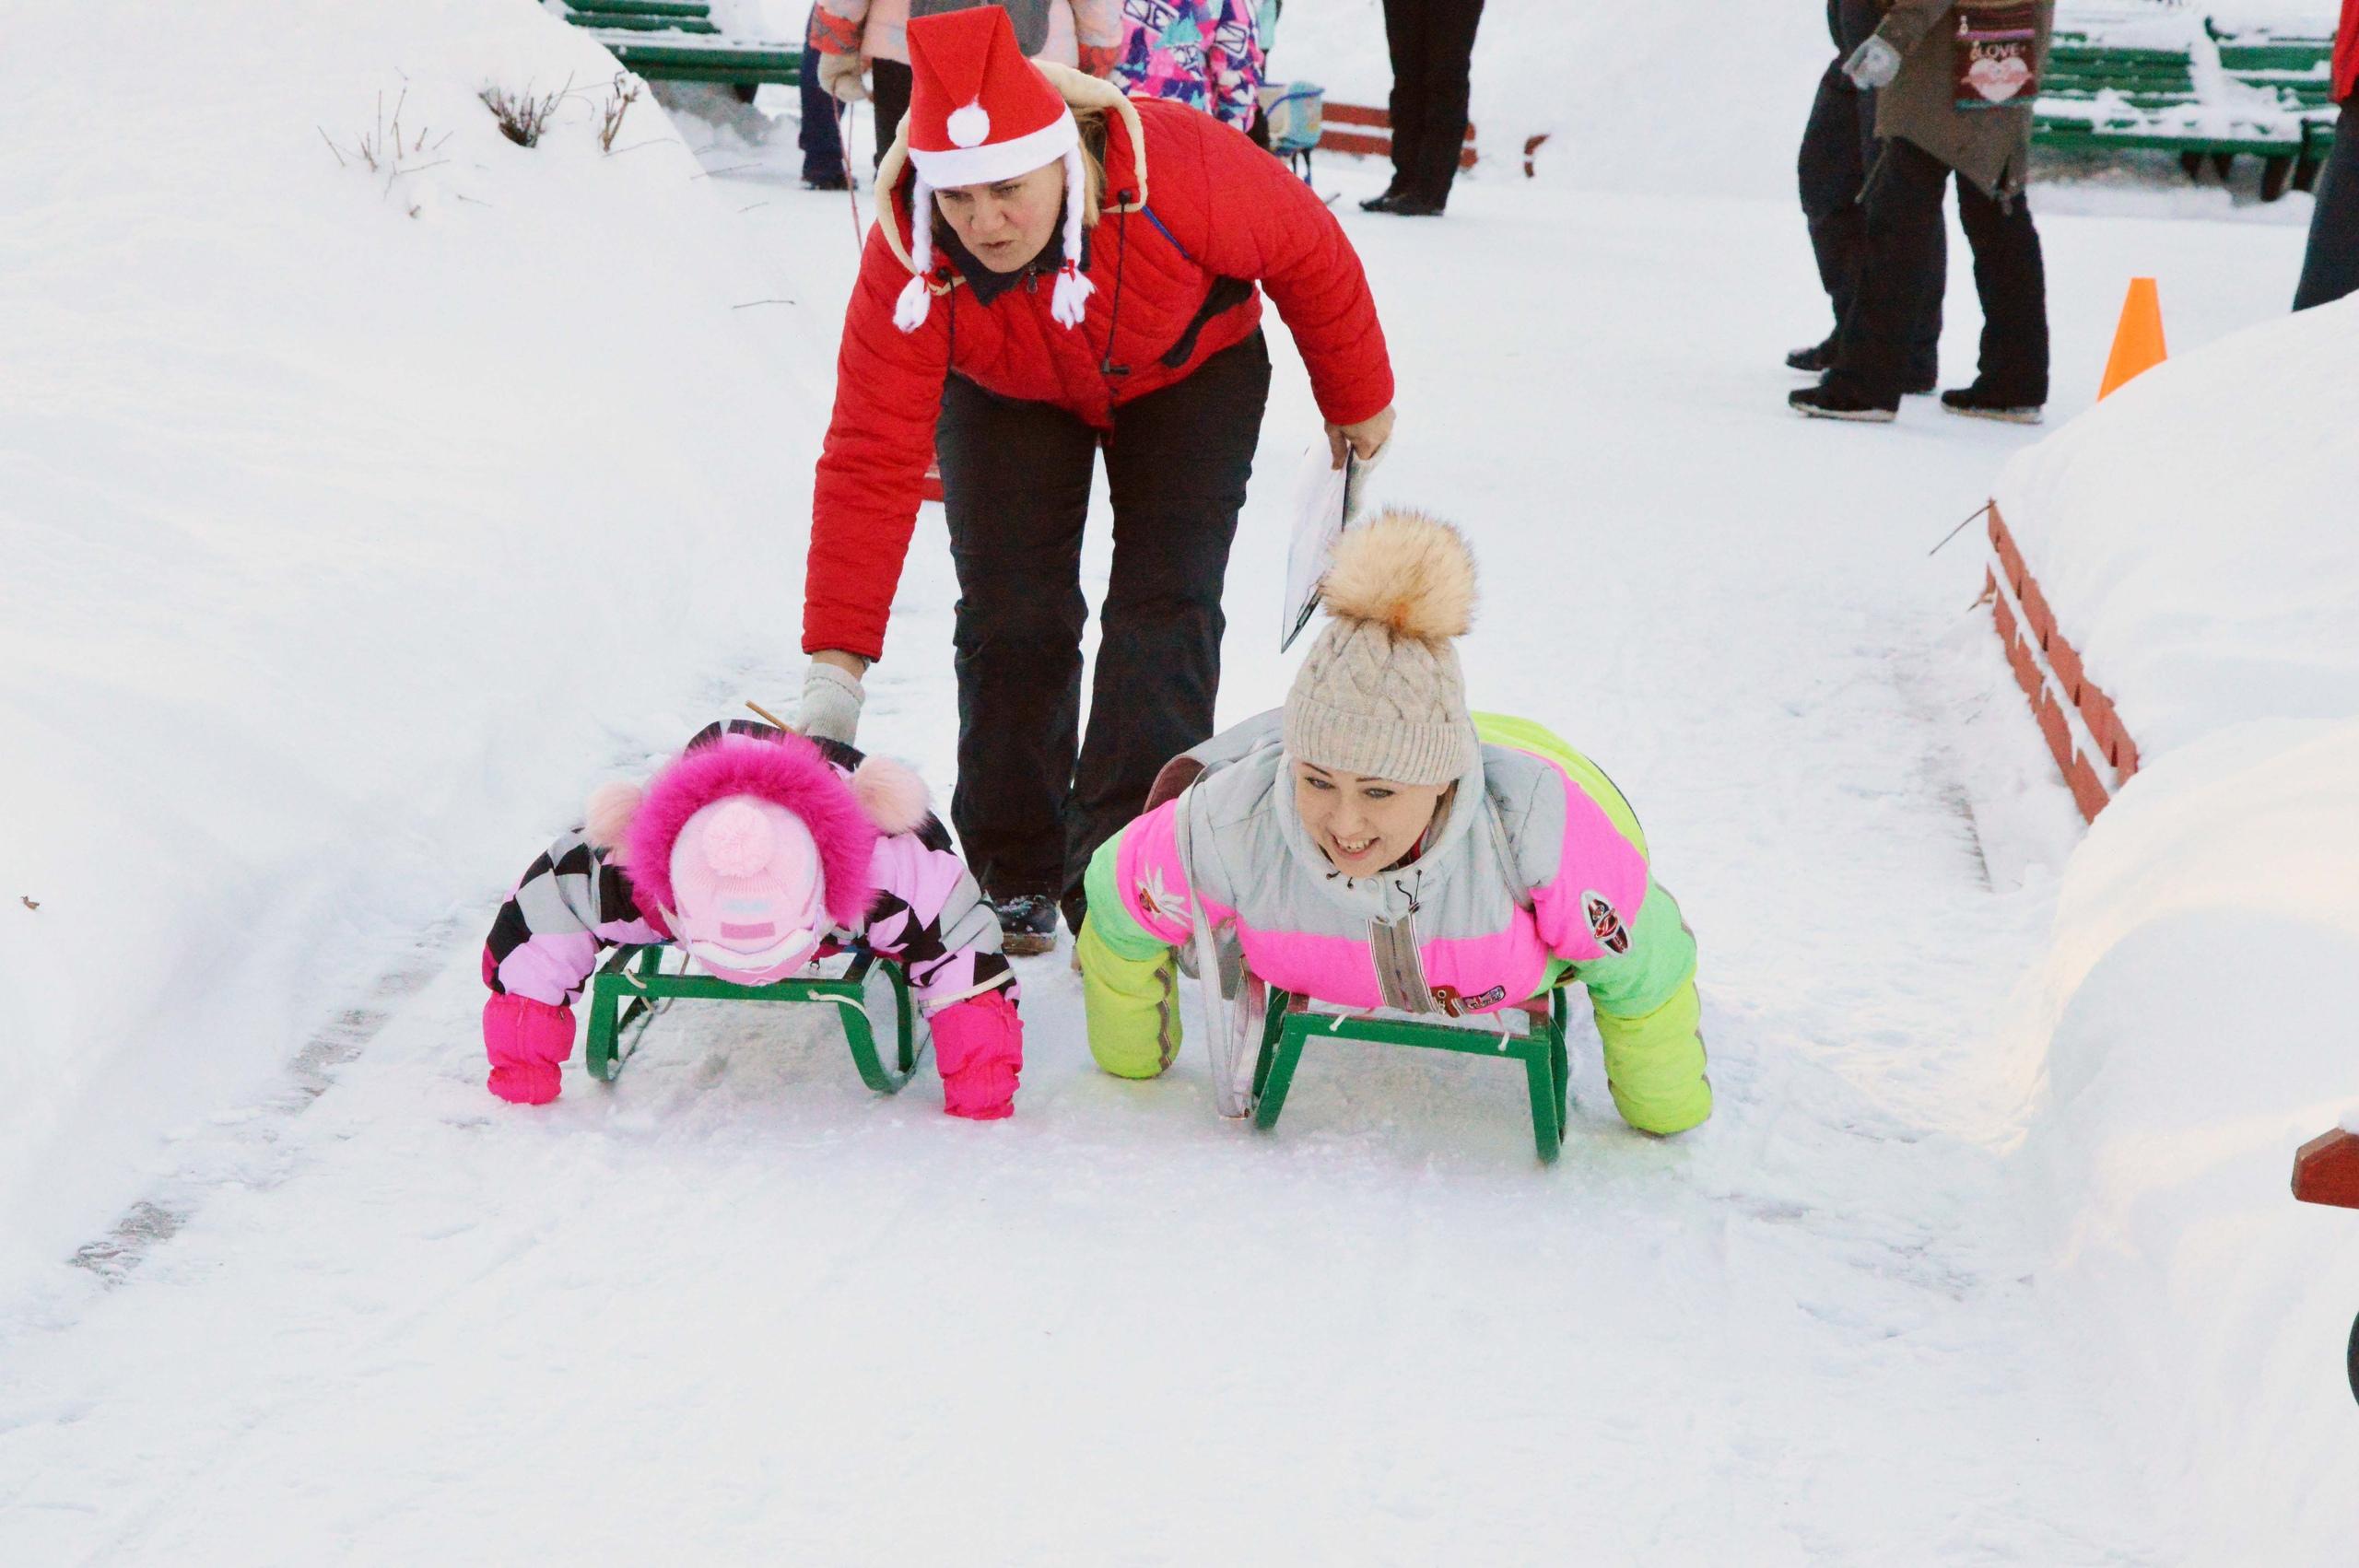 снежный фест, чайковский, 2019 год